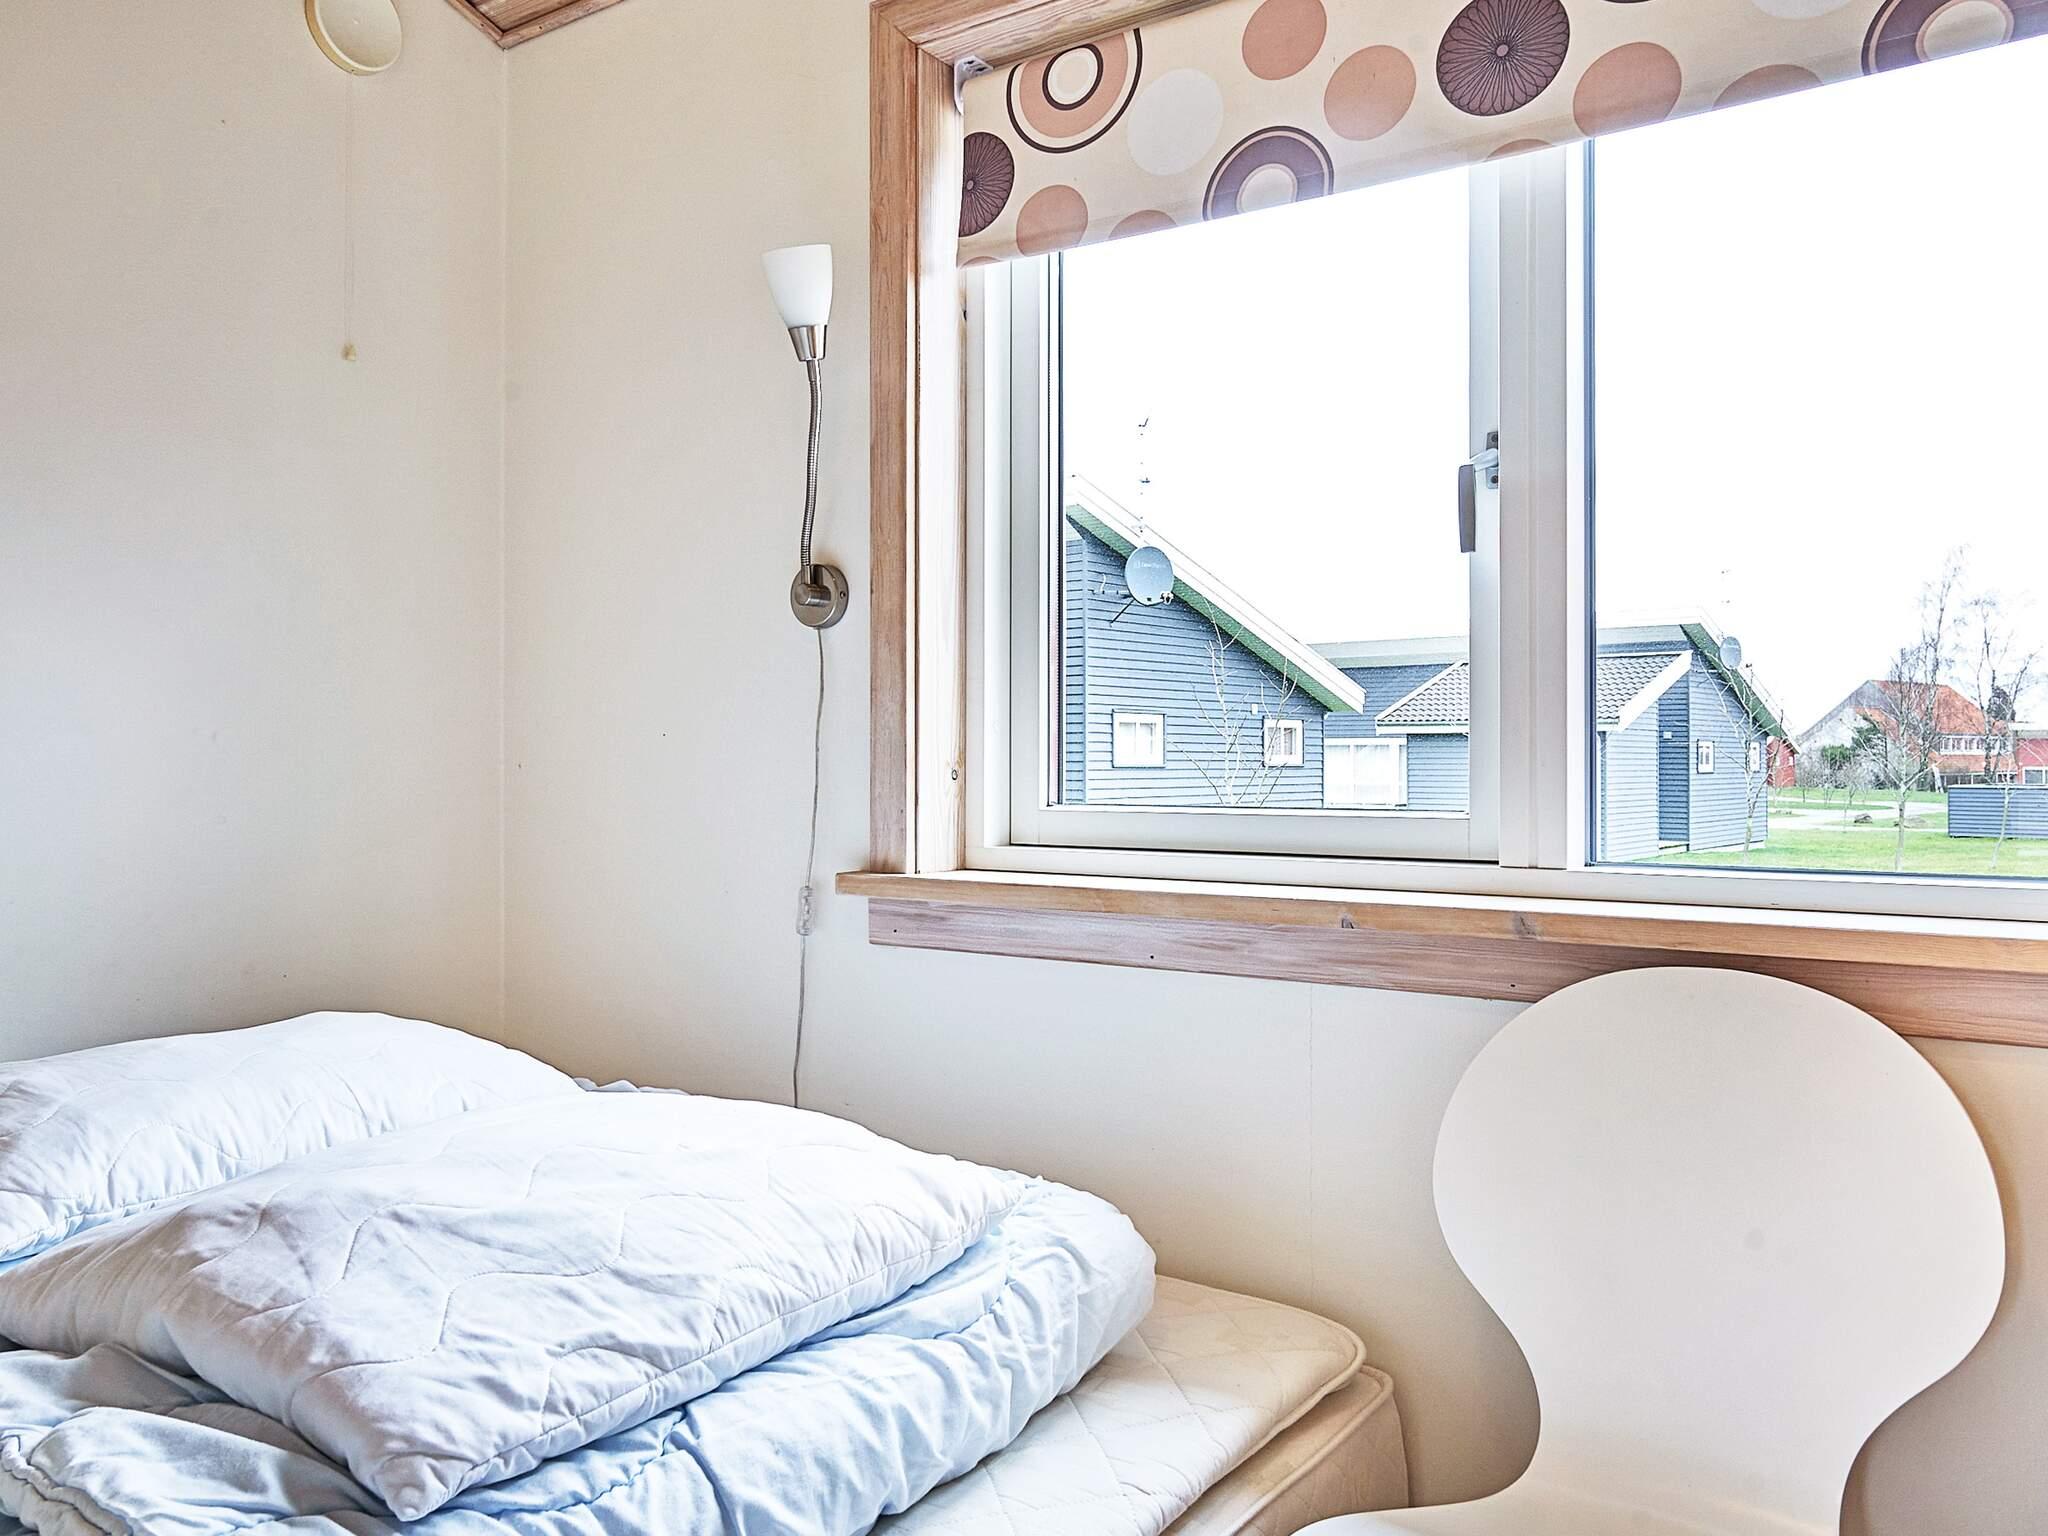 Ferienhaus Rø/Gudhjem (251659), Gudhjem, , Bornholm, Dänemark, Bild 11